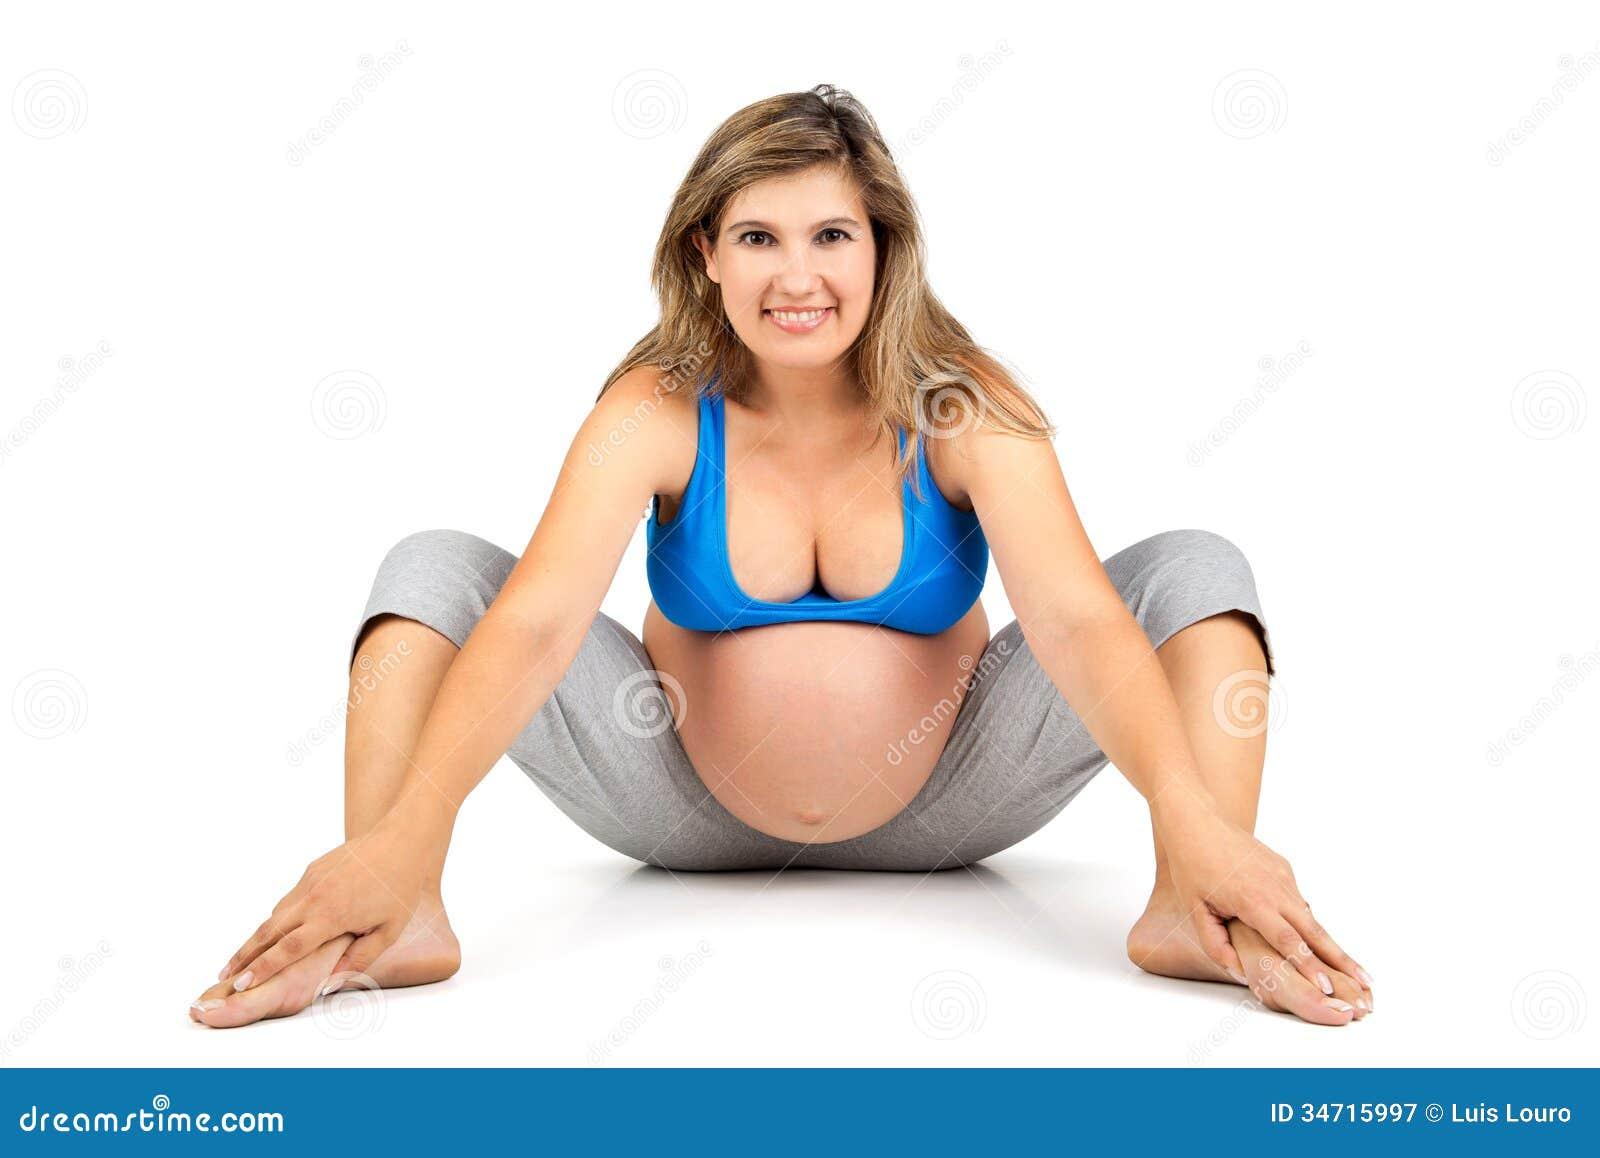 Pregnant Woman Workout 2